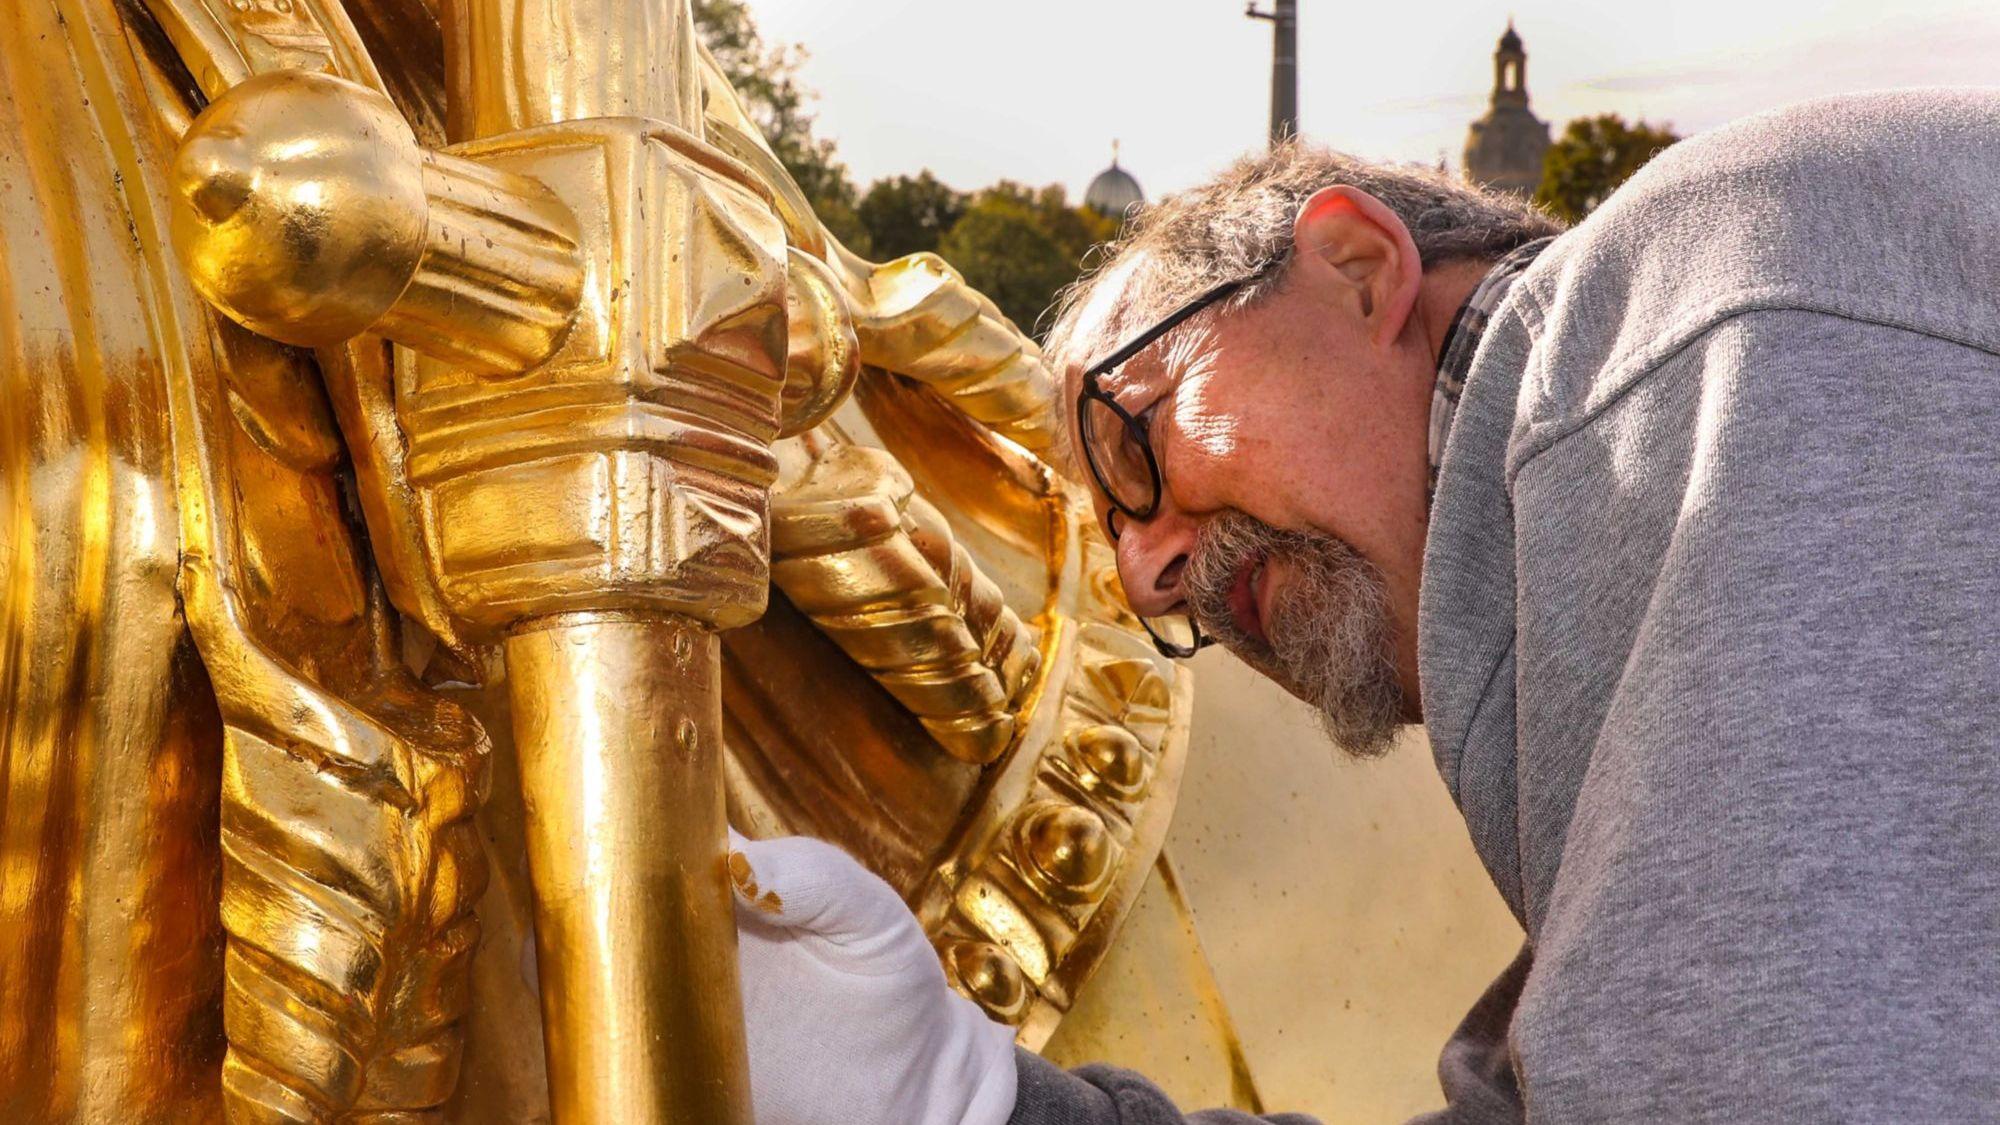 Letzte Montagearbeiten: Harald Straßburger am Goldenen Reiter - Foto: Tino Plunert